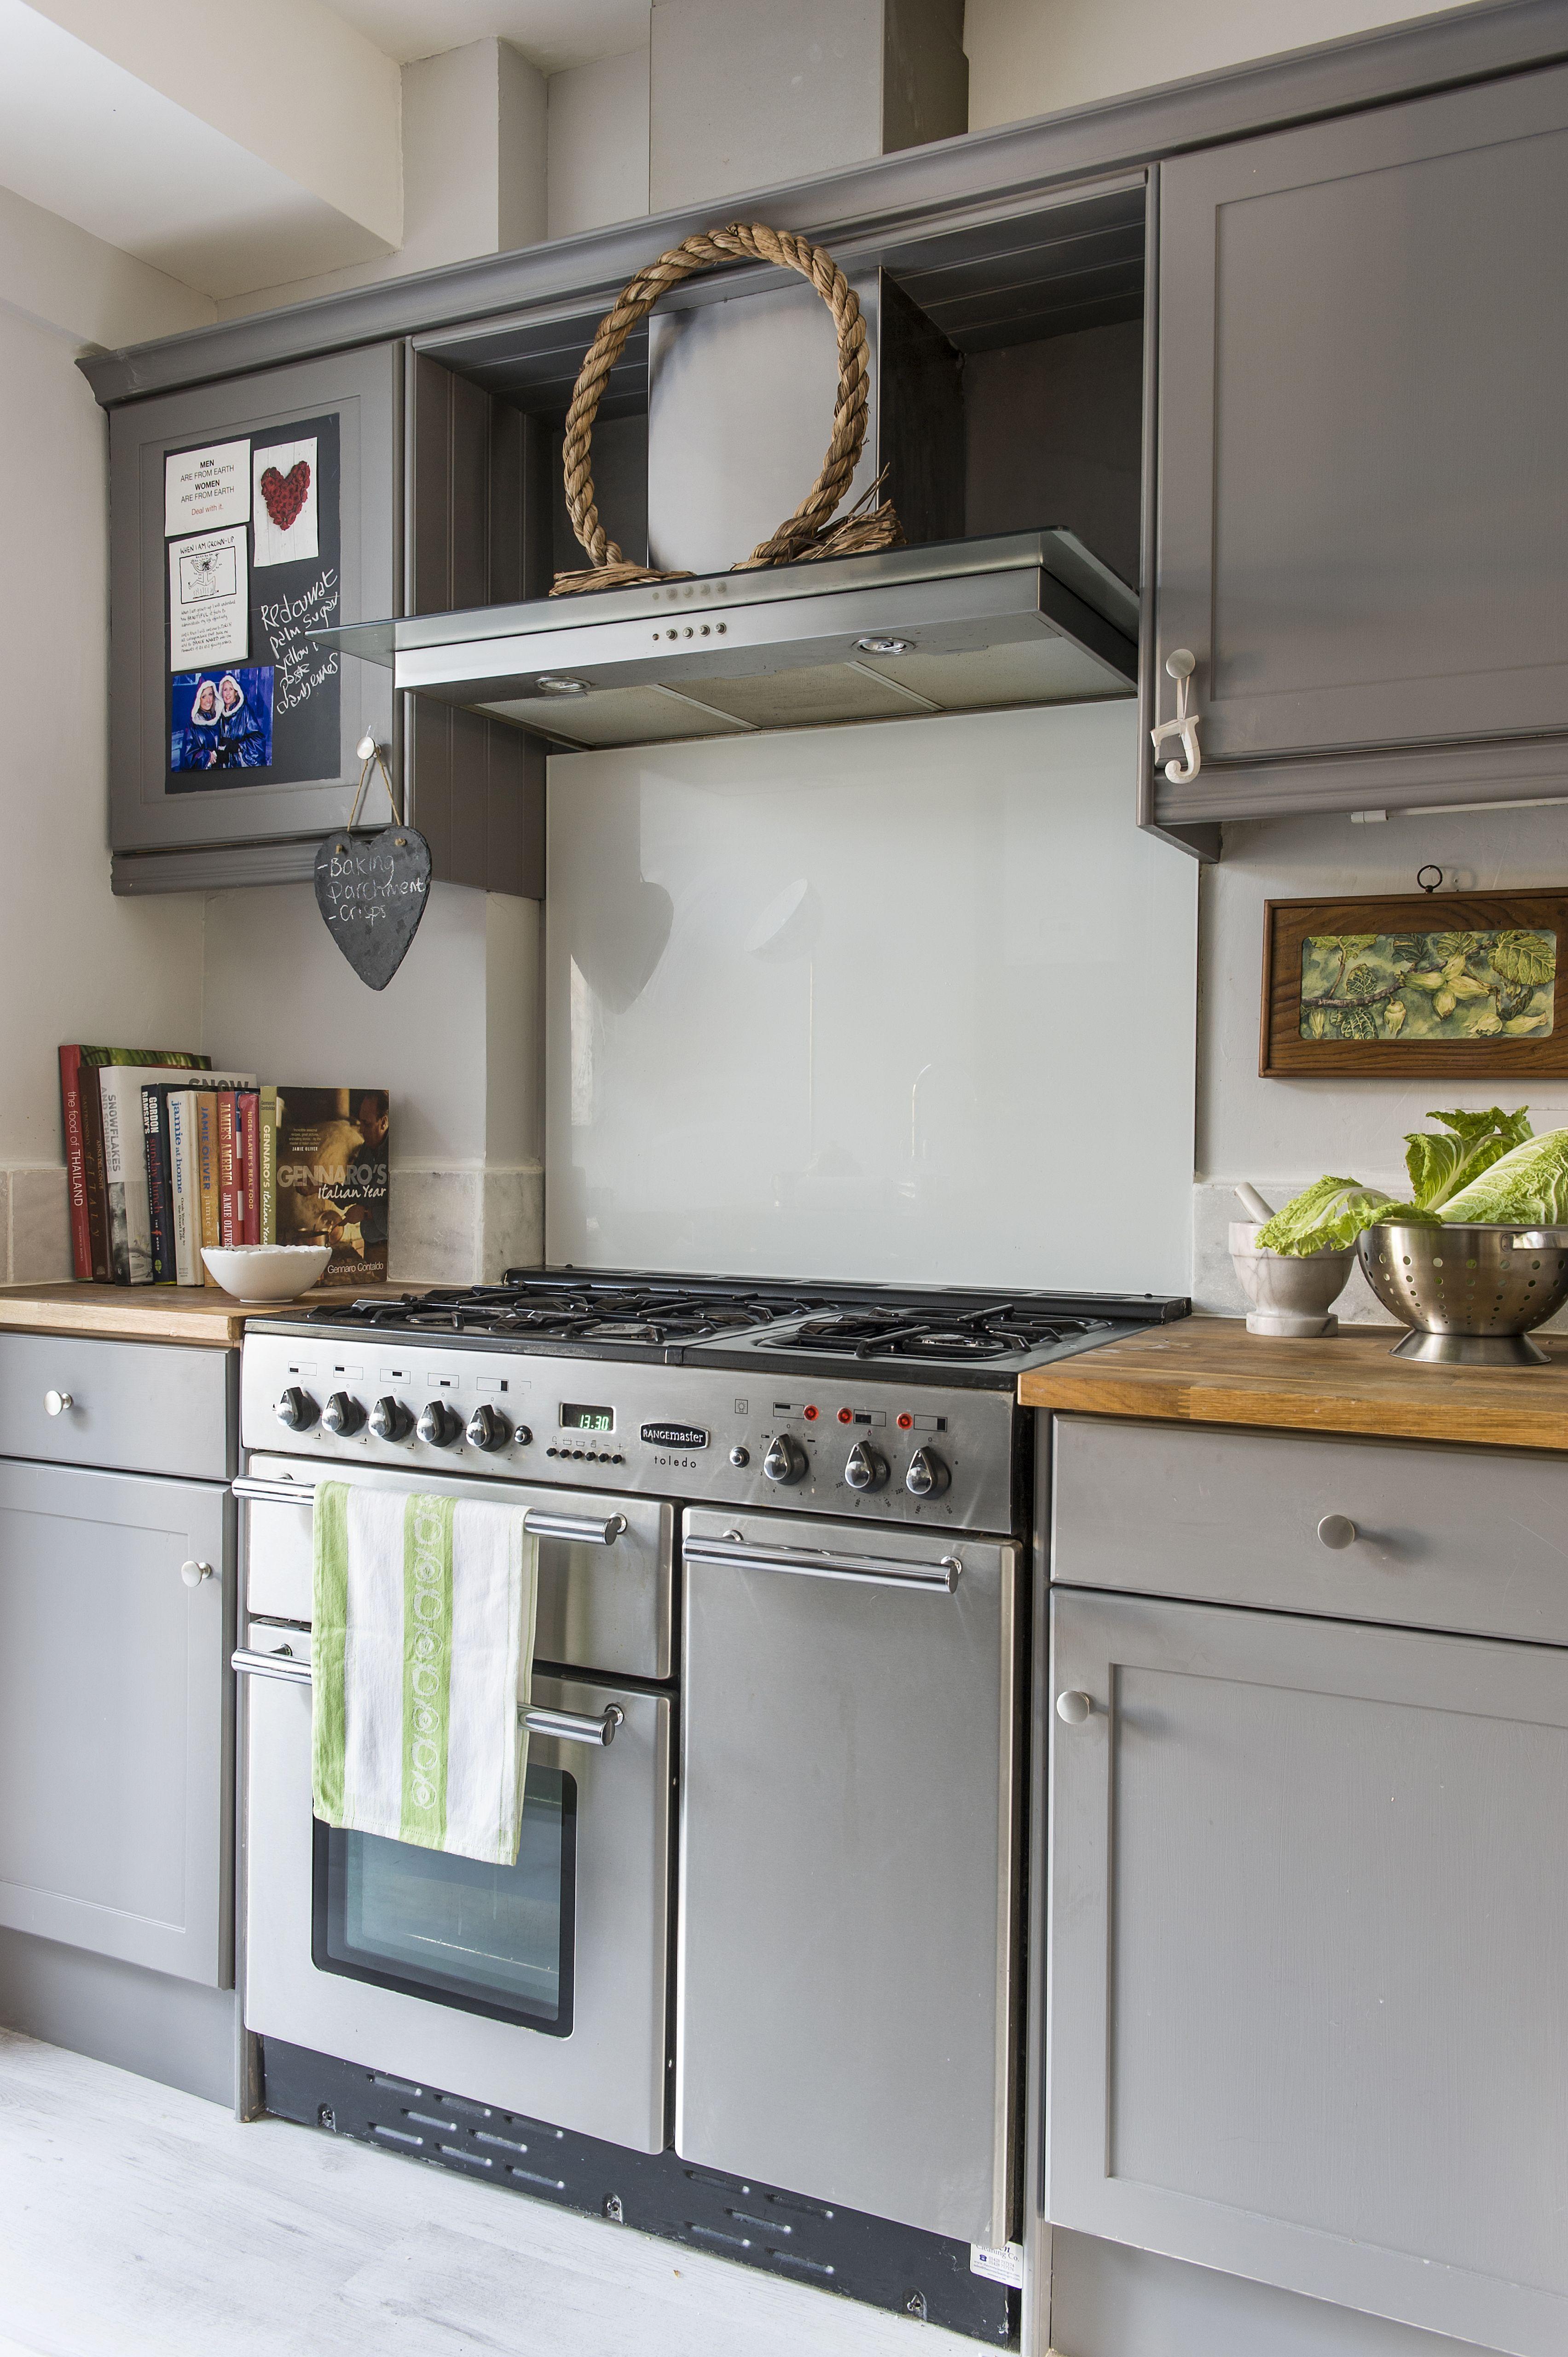 Sophisticated Yet Simple To Use The Toledo Is Every Cooks Dream - Cuisiniere electrique four chaleur tournante pour idees de deco de cuisine